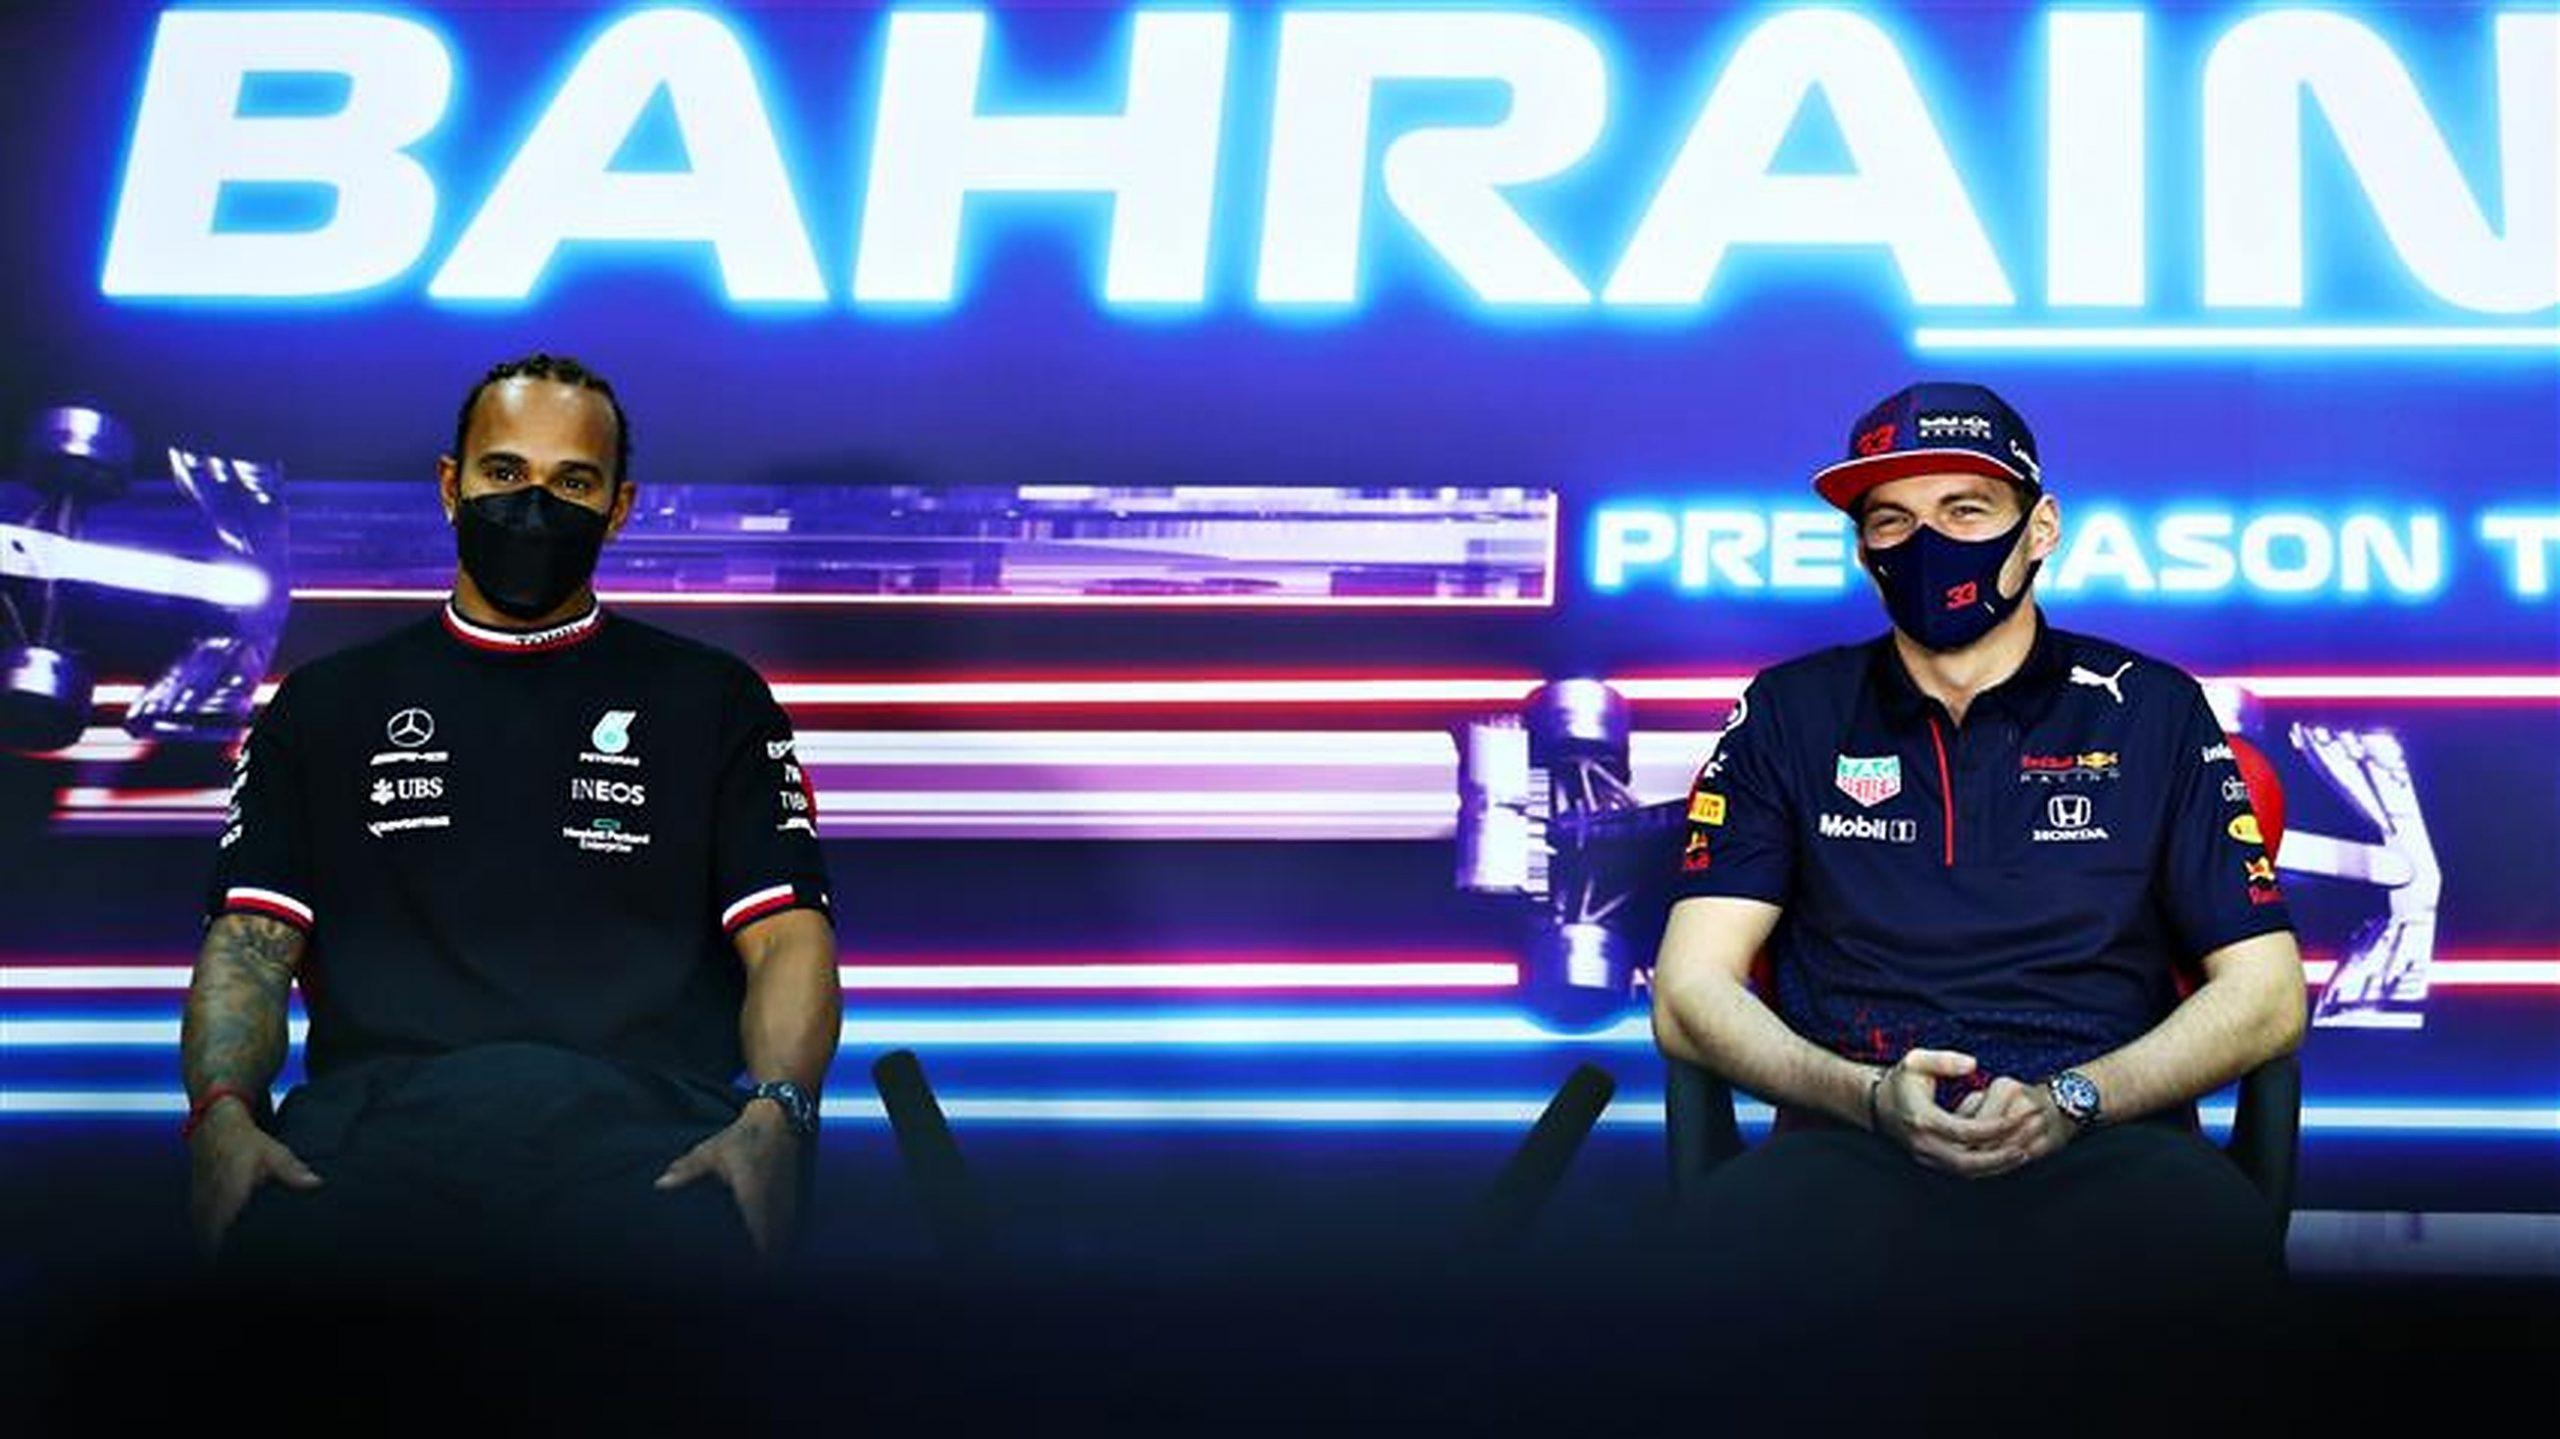 Max Verstappen says Mercedes were sandbagging - Formula1news.co.uk